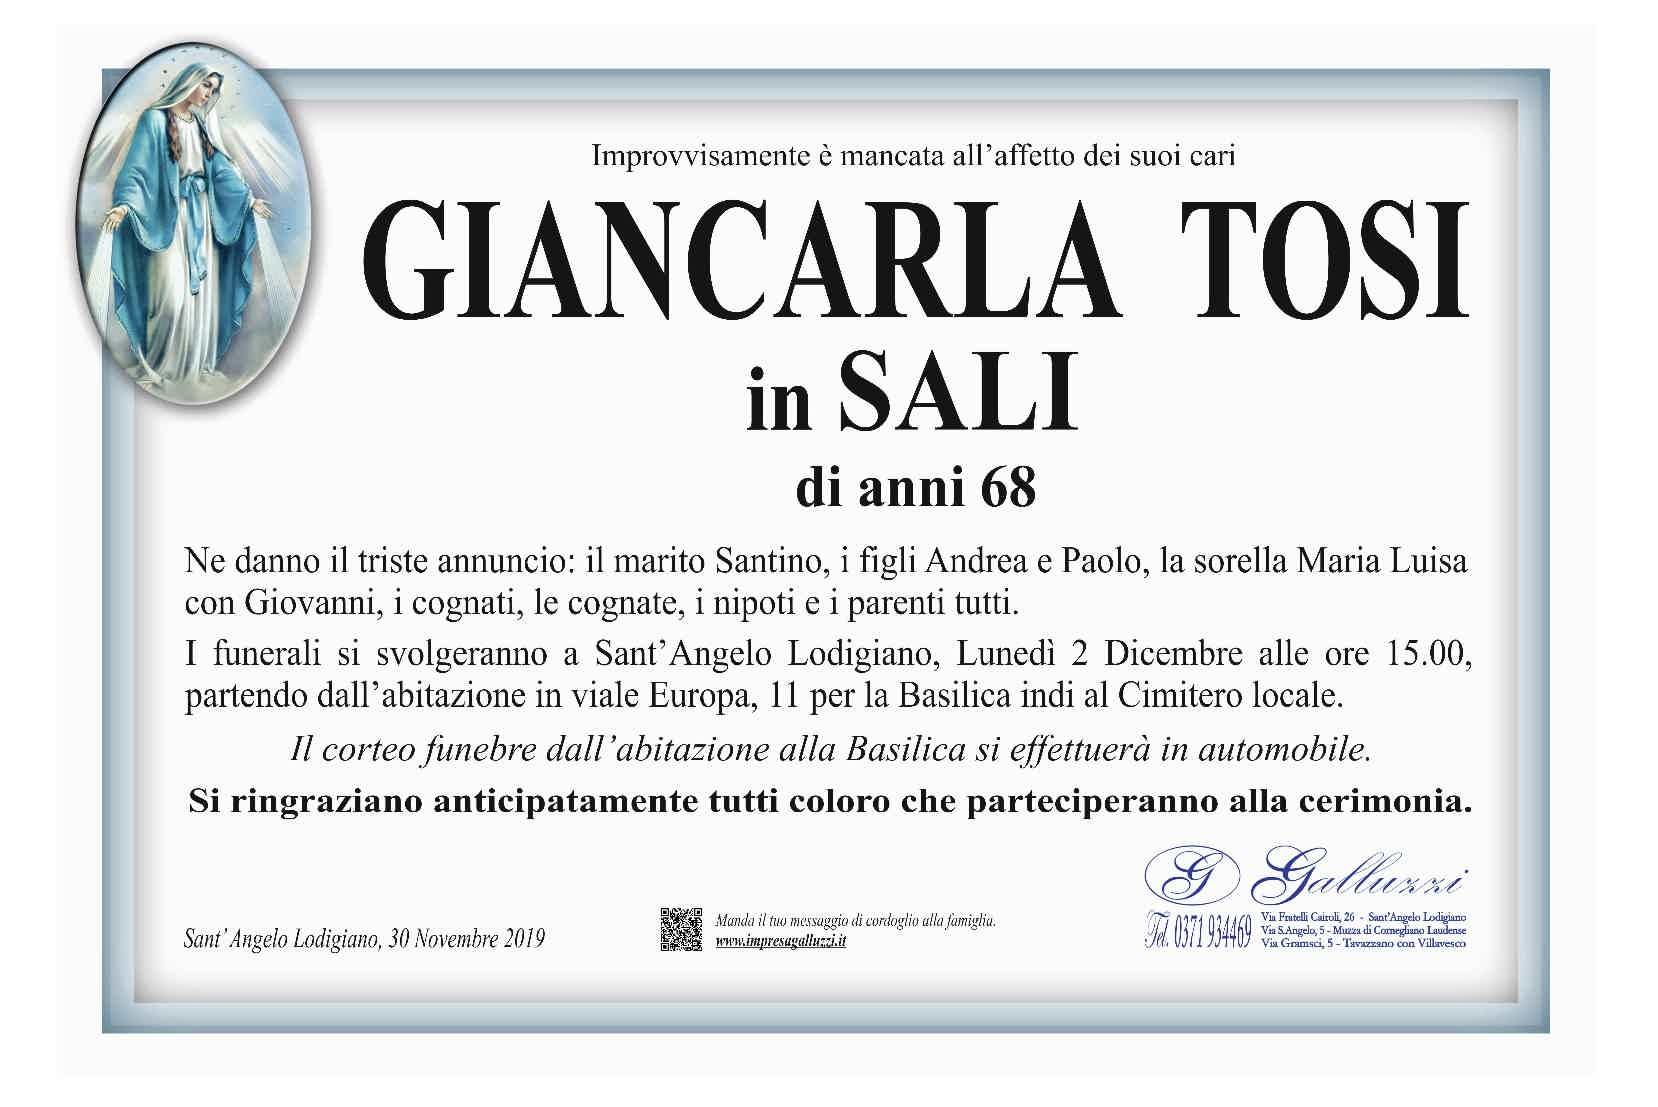 Giancarla Tosi